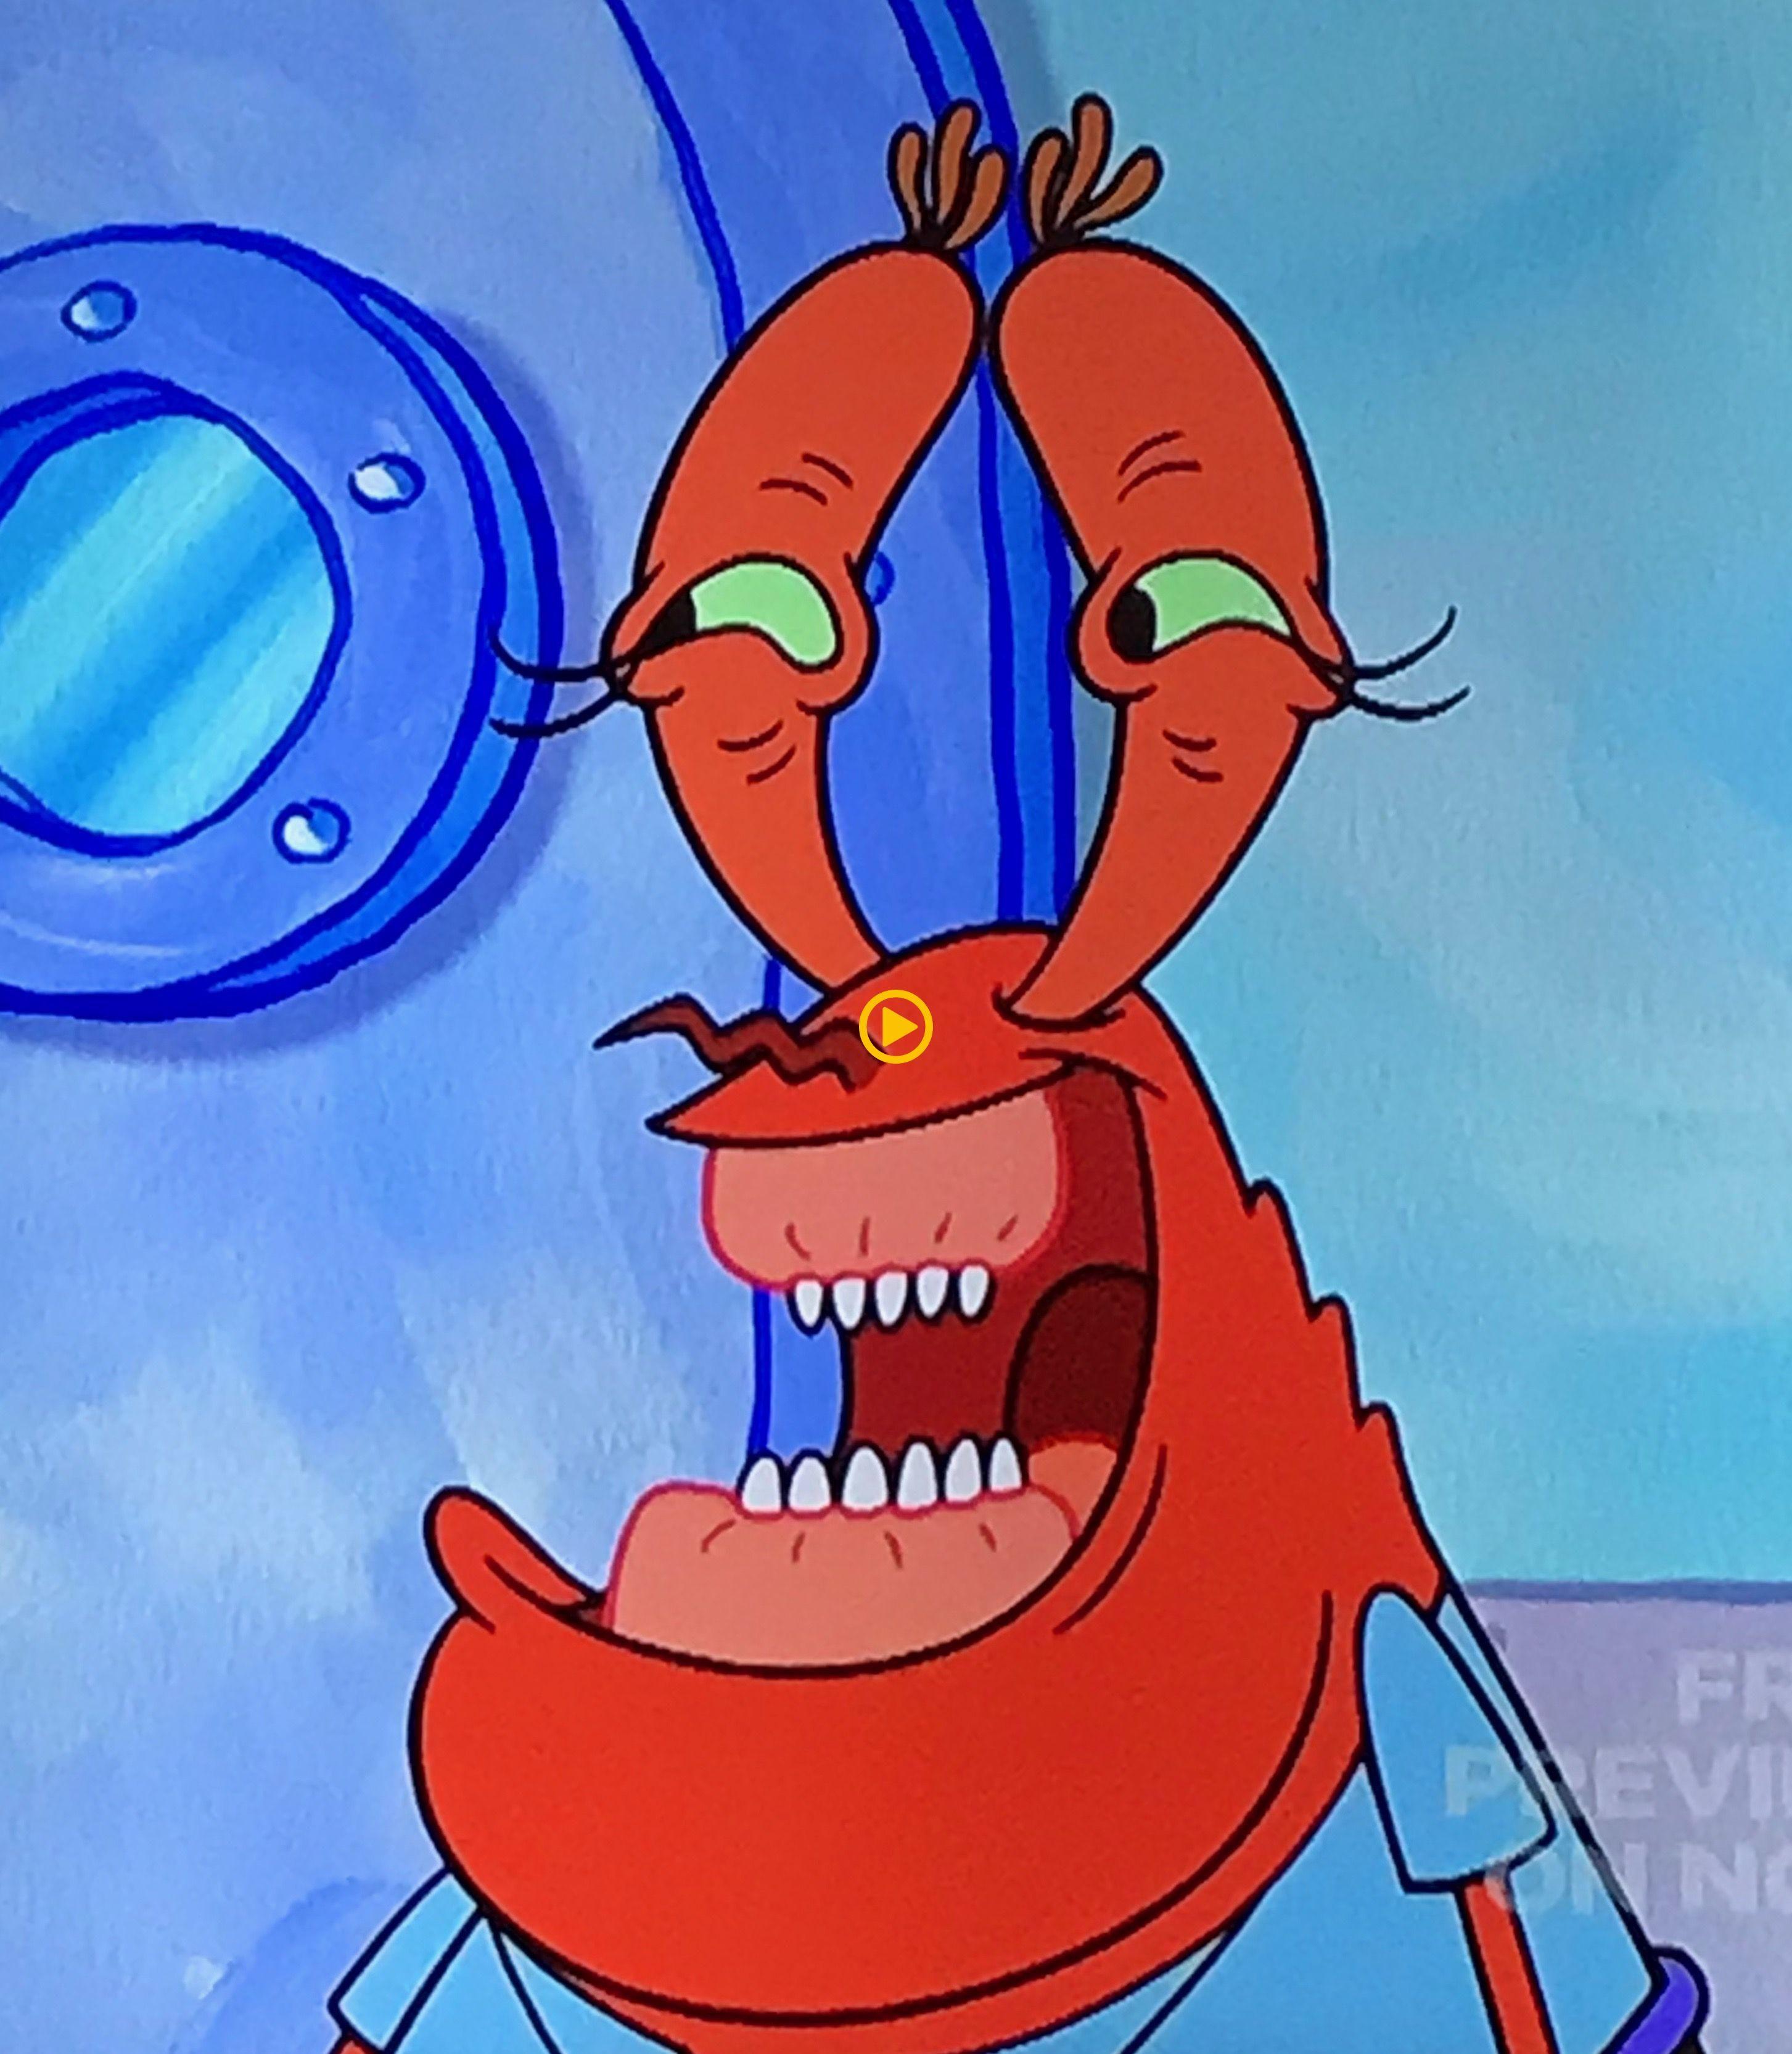 Cartoons Cartoon Memes Cartoon Art Cartoon Drawings Funny Spongebob Memes Spongebob Funny Spongebob Memes